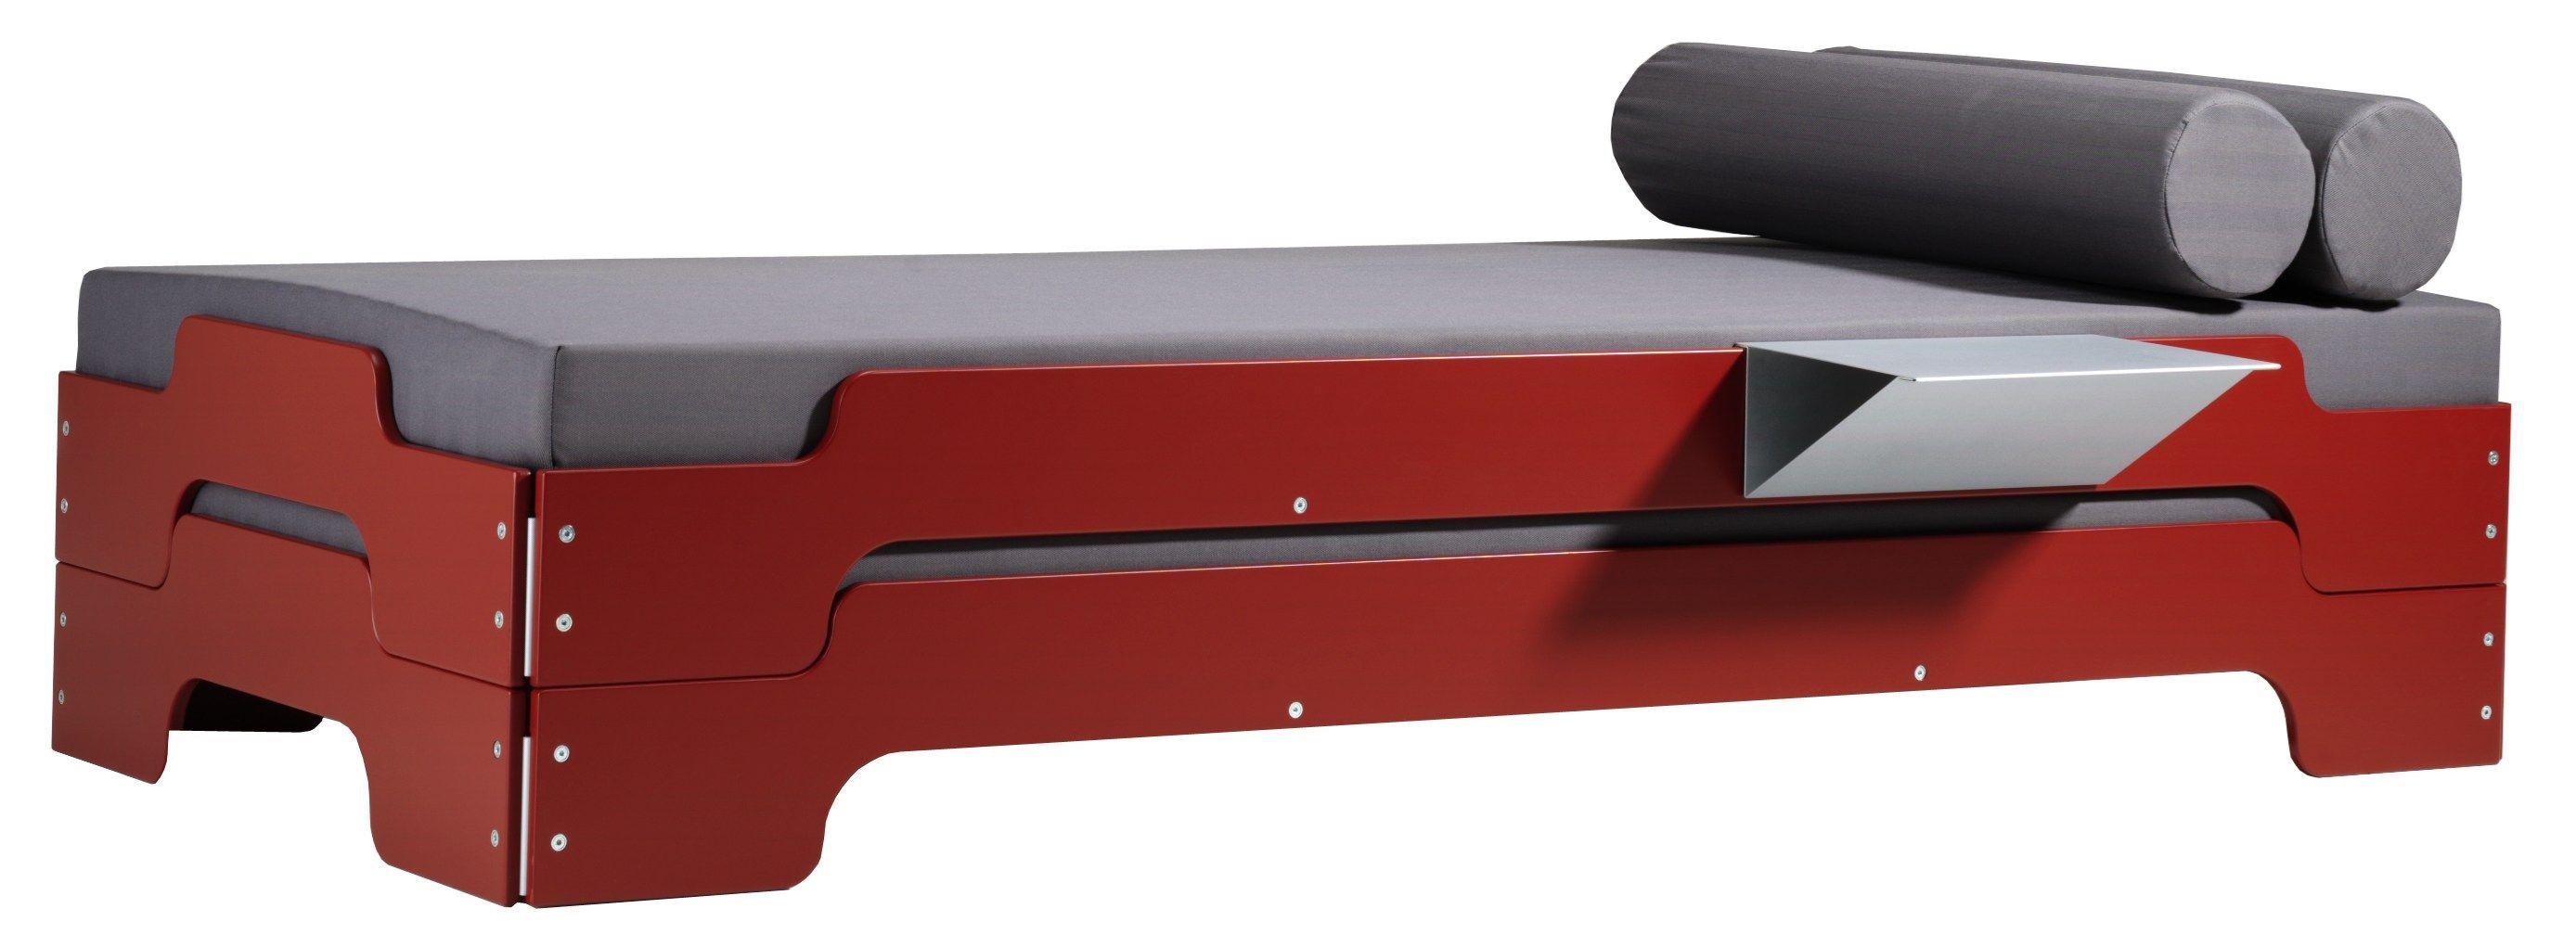 lit empilable. Black Bedroom Furniture Sets. Home Design Ideas